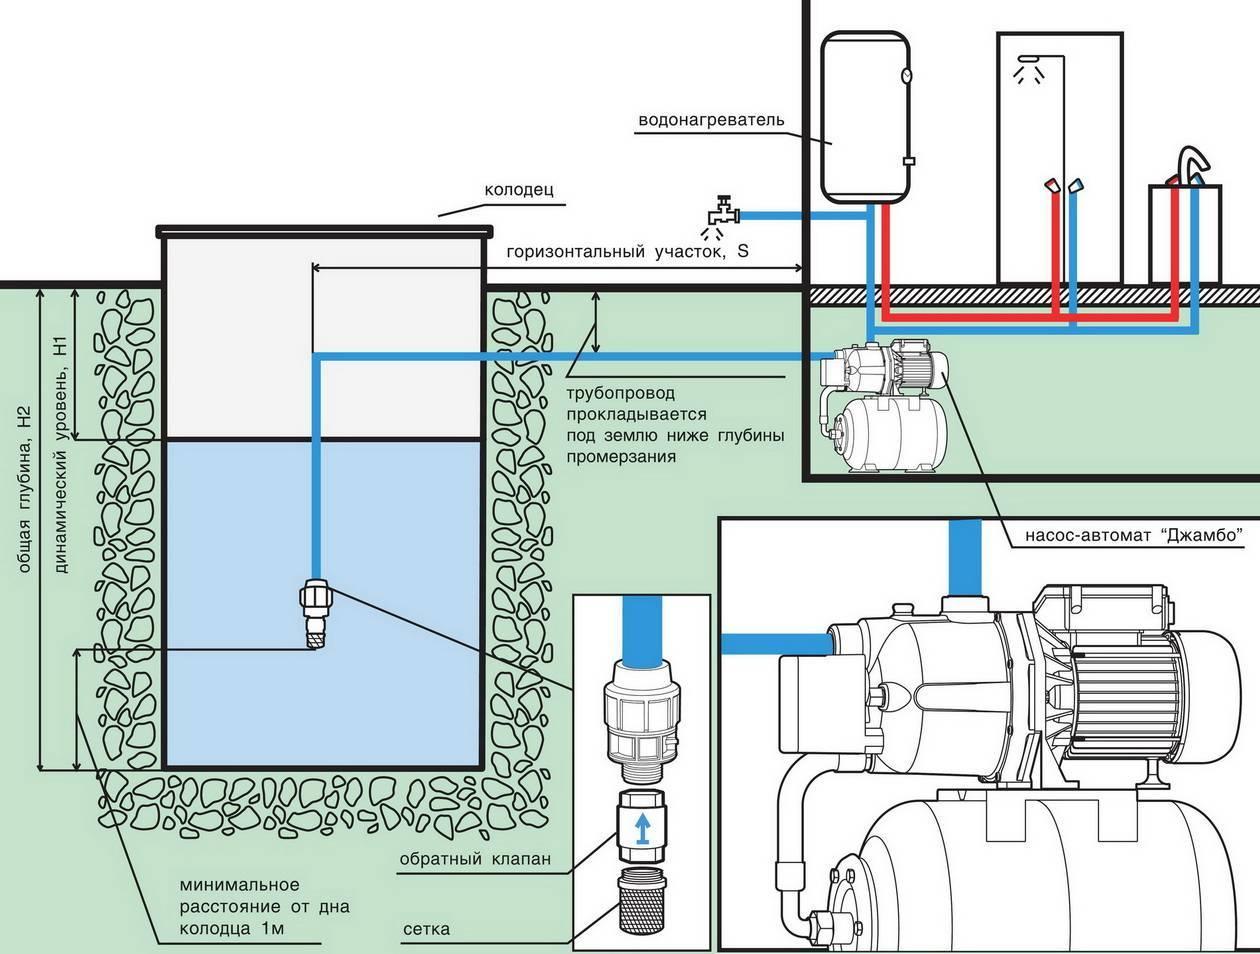 Выбор, установка и подключение поверхностного насоса